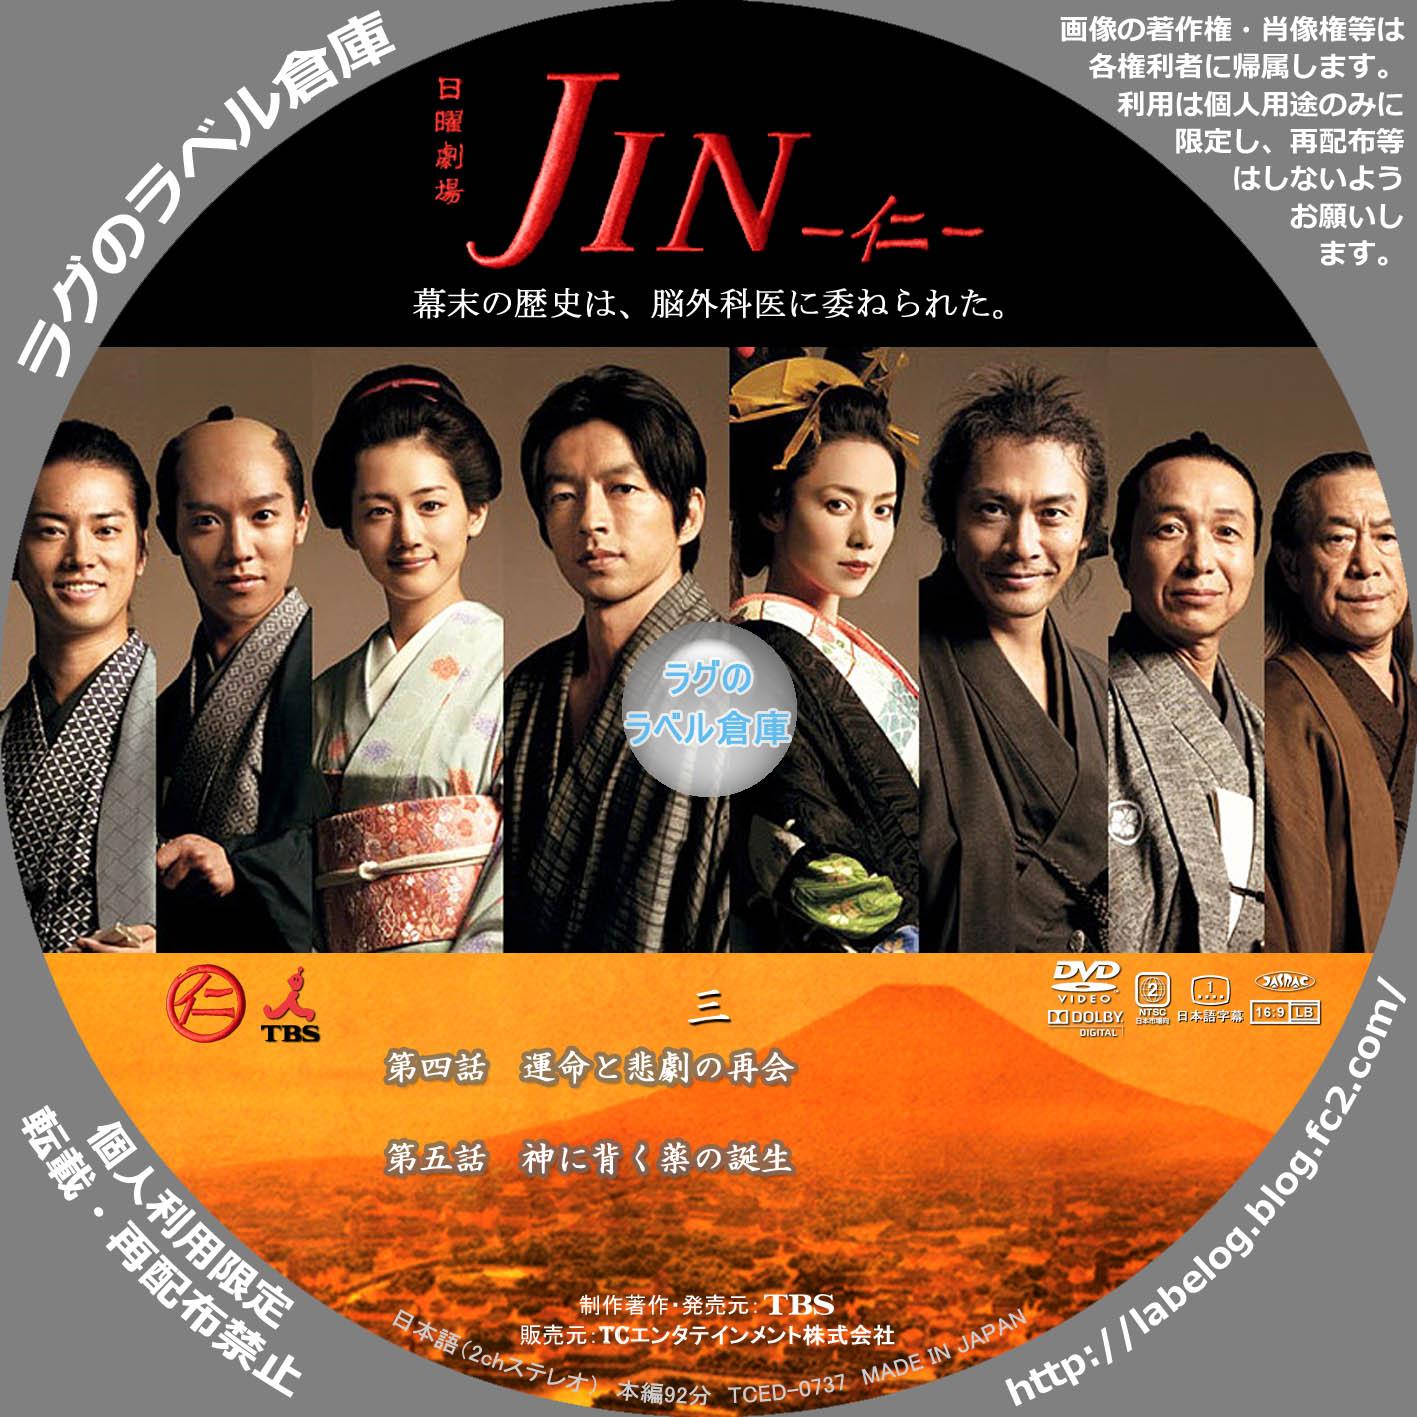 JIN -仁- ラグの CD / DVD / BD ...